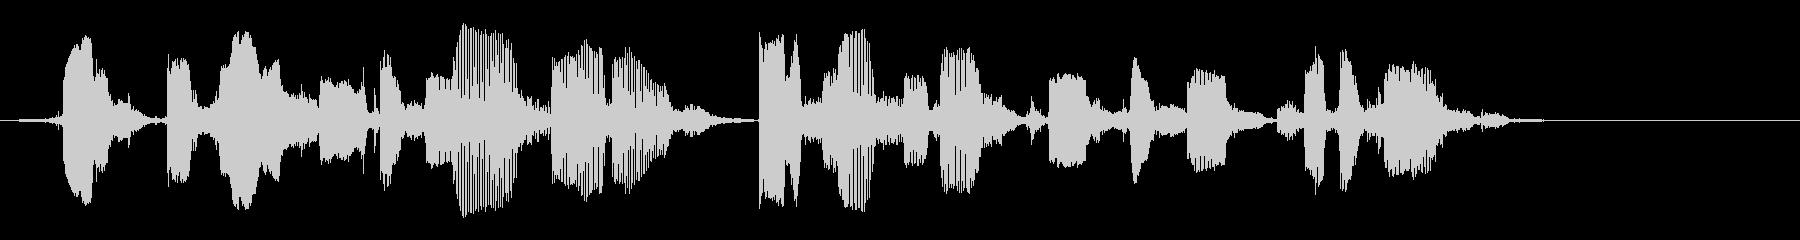 パブリックアドレス、女性の声:89...の未再生の波形